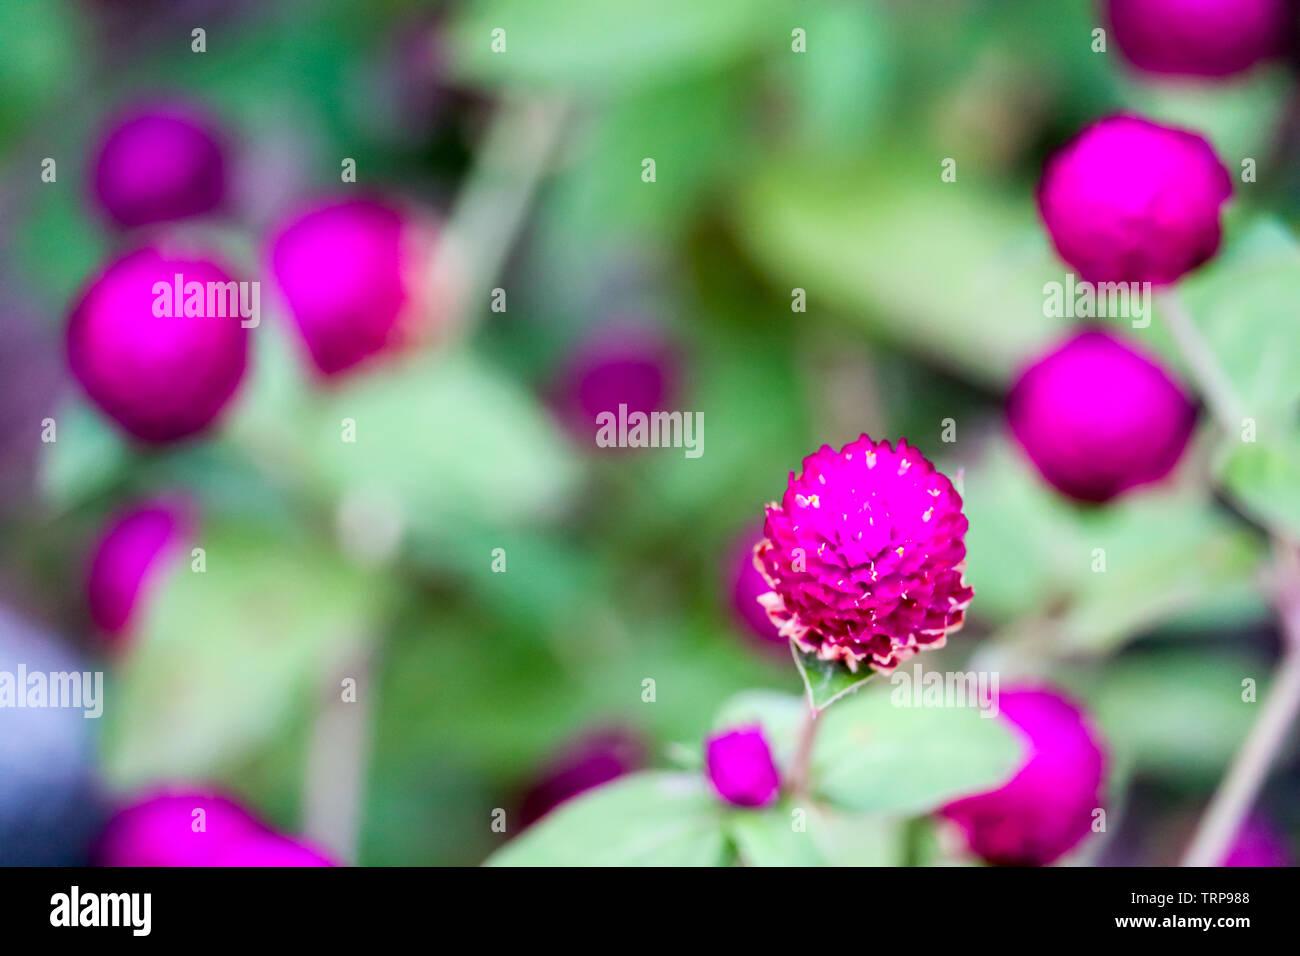 Gomphrena globosa L vantaggio, i fiori e gli alberi sono un dolce, amaro, è deliberatamente un farmaco che agisce sui polmoni e fegato, utilizzato come un fegato ri Immagini Stock